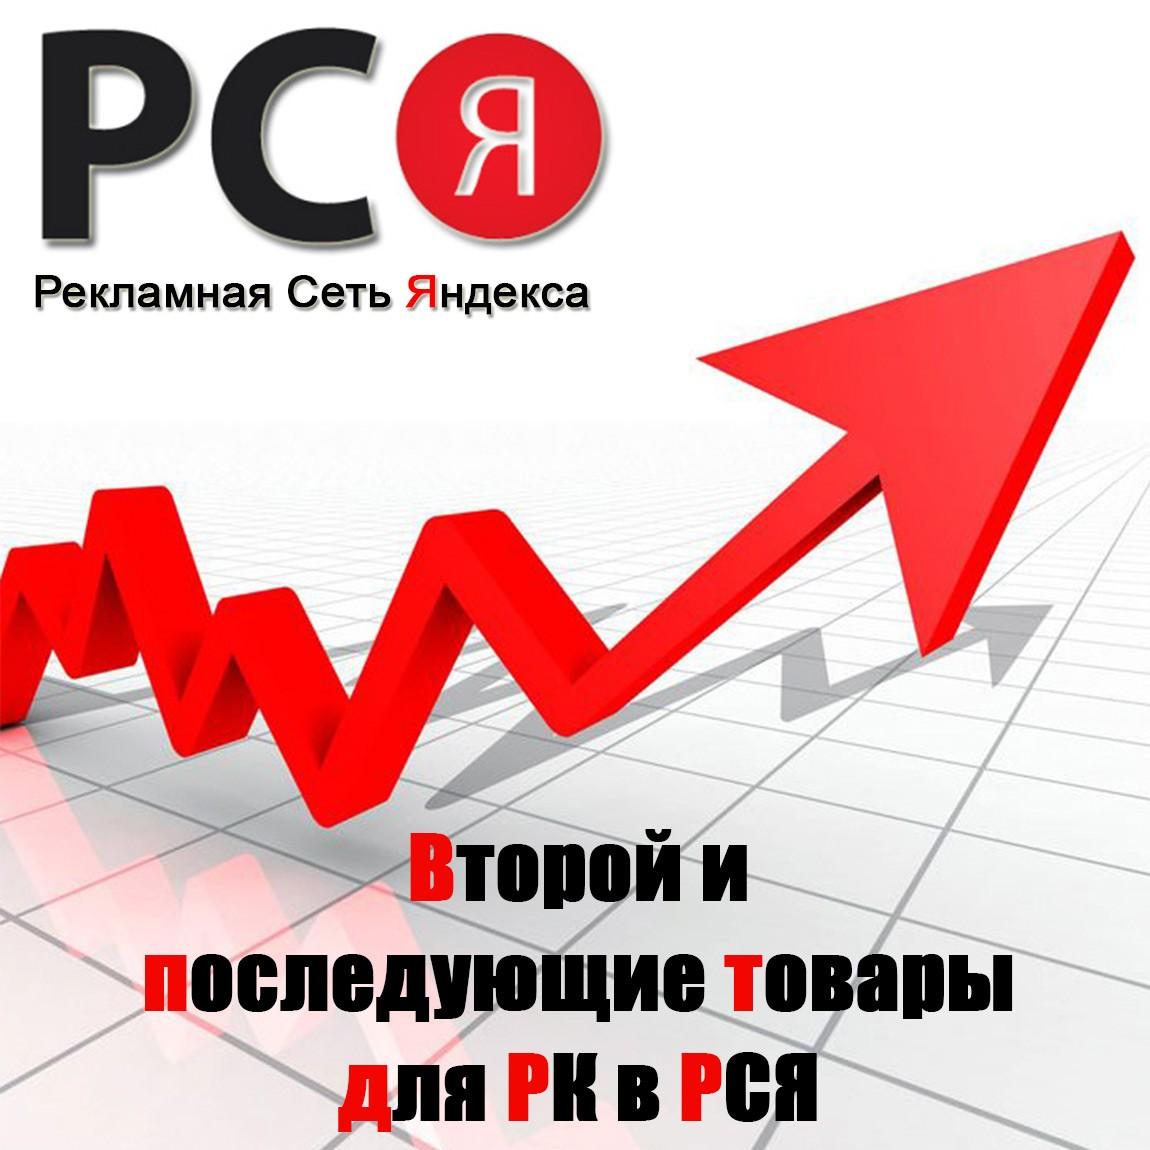 Создание Рекламной Кампании в Рекламной Сети Яндекса (РСЯ) - 1